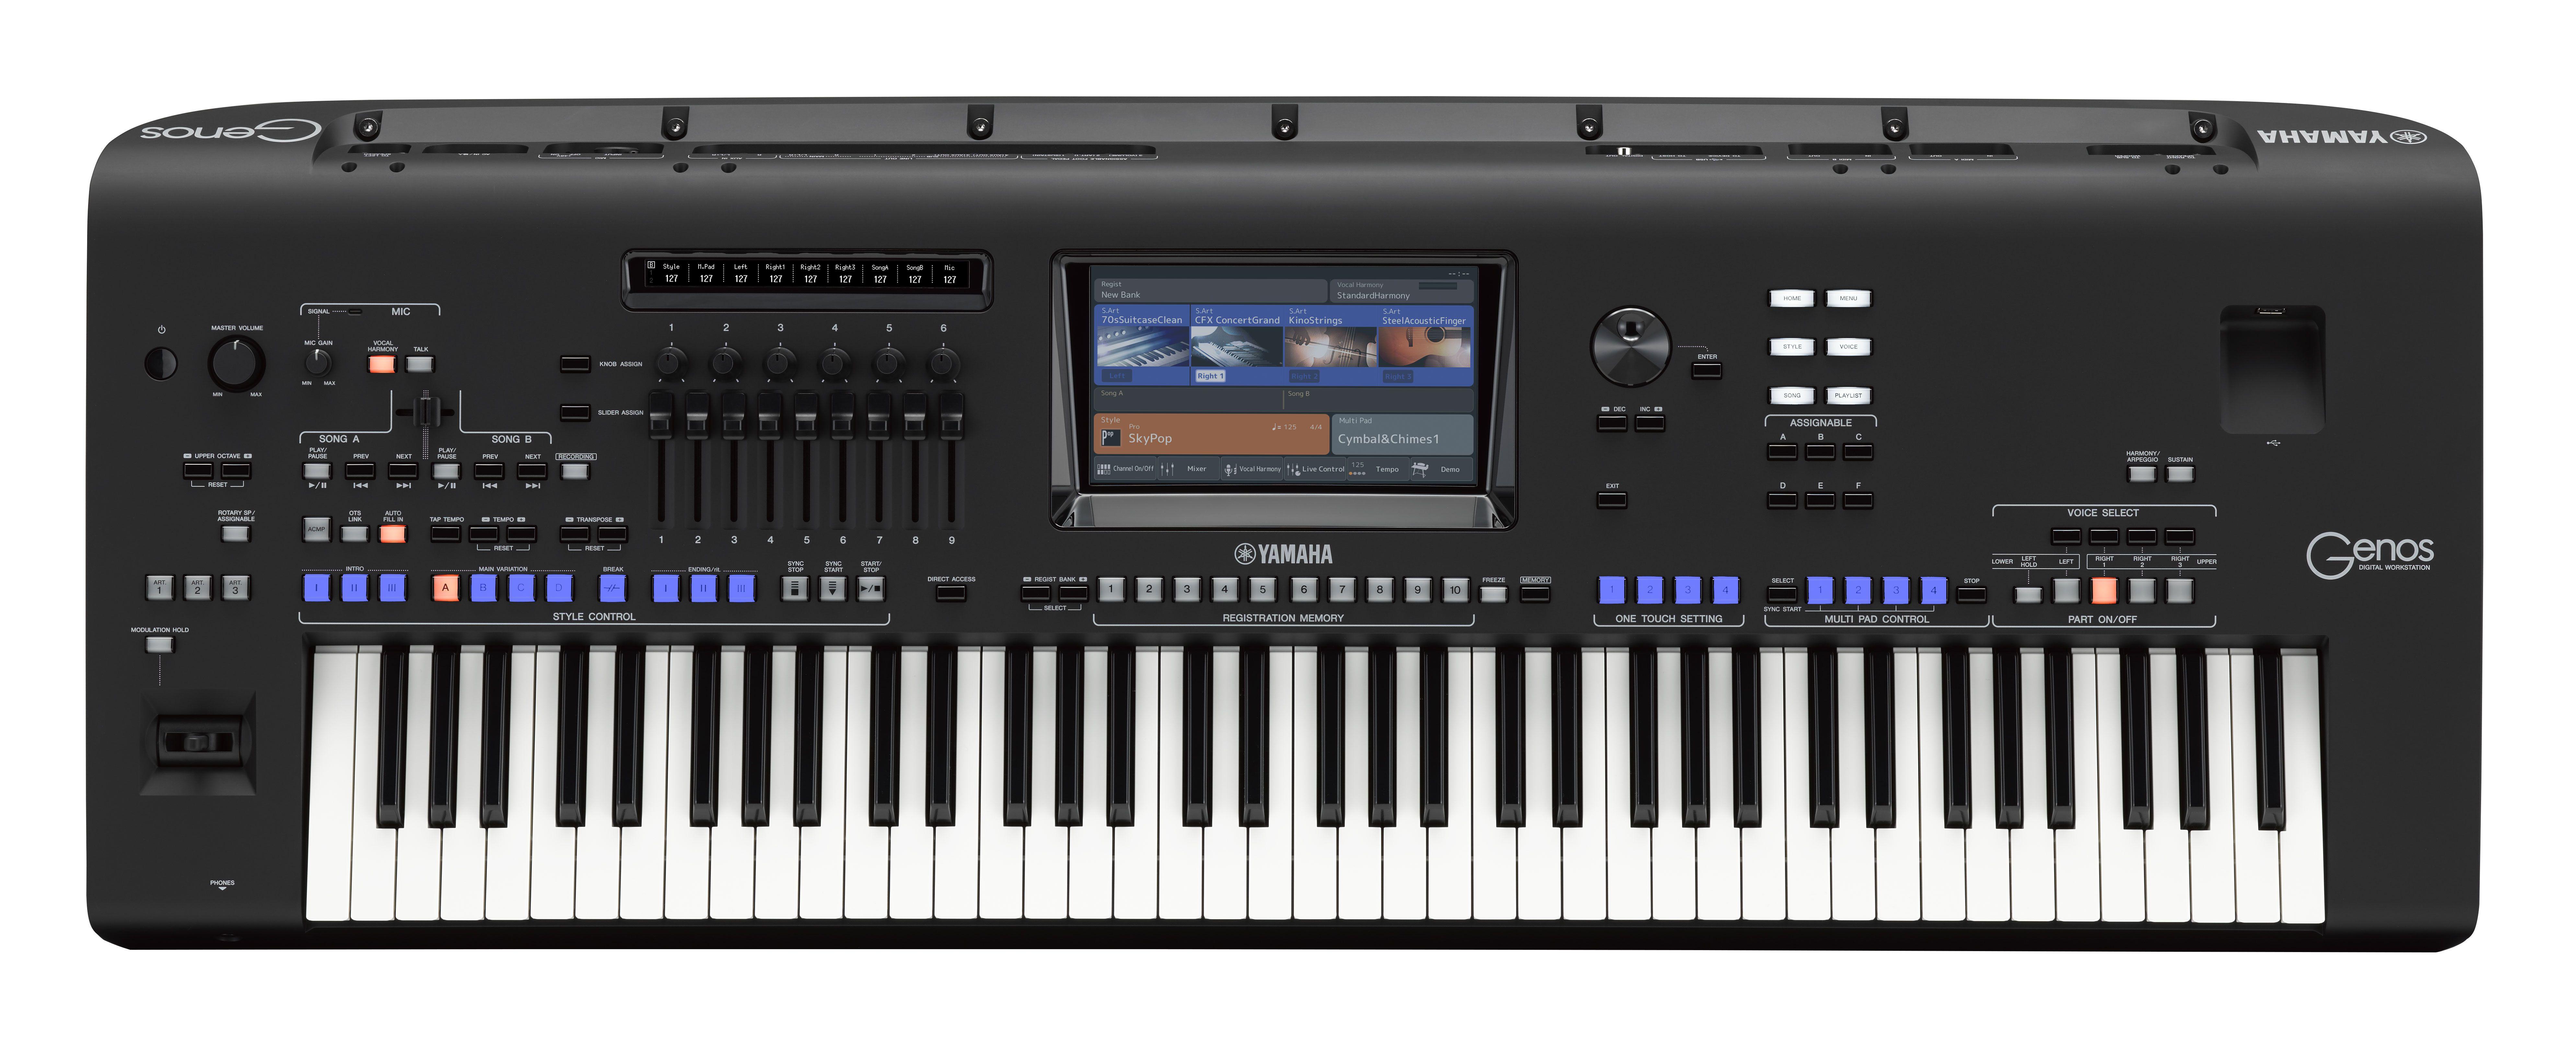 Musical keyboards buy yamaha keyboards casio keyboards for Korg yamaha roland